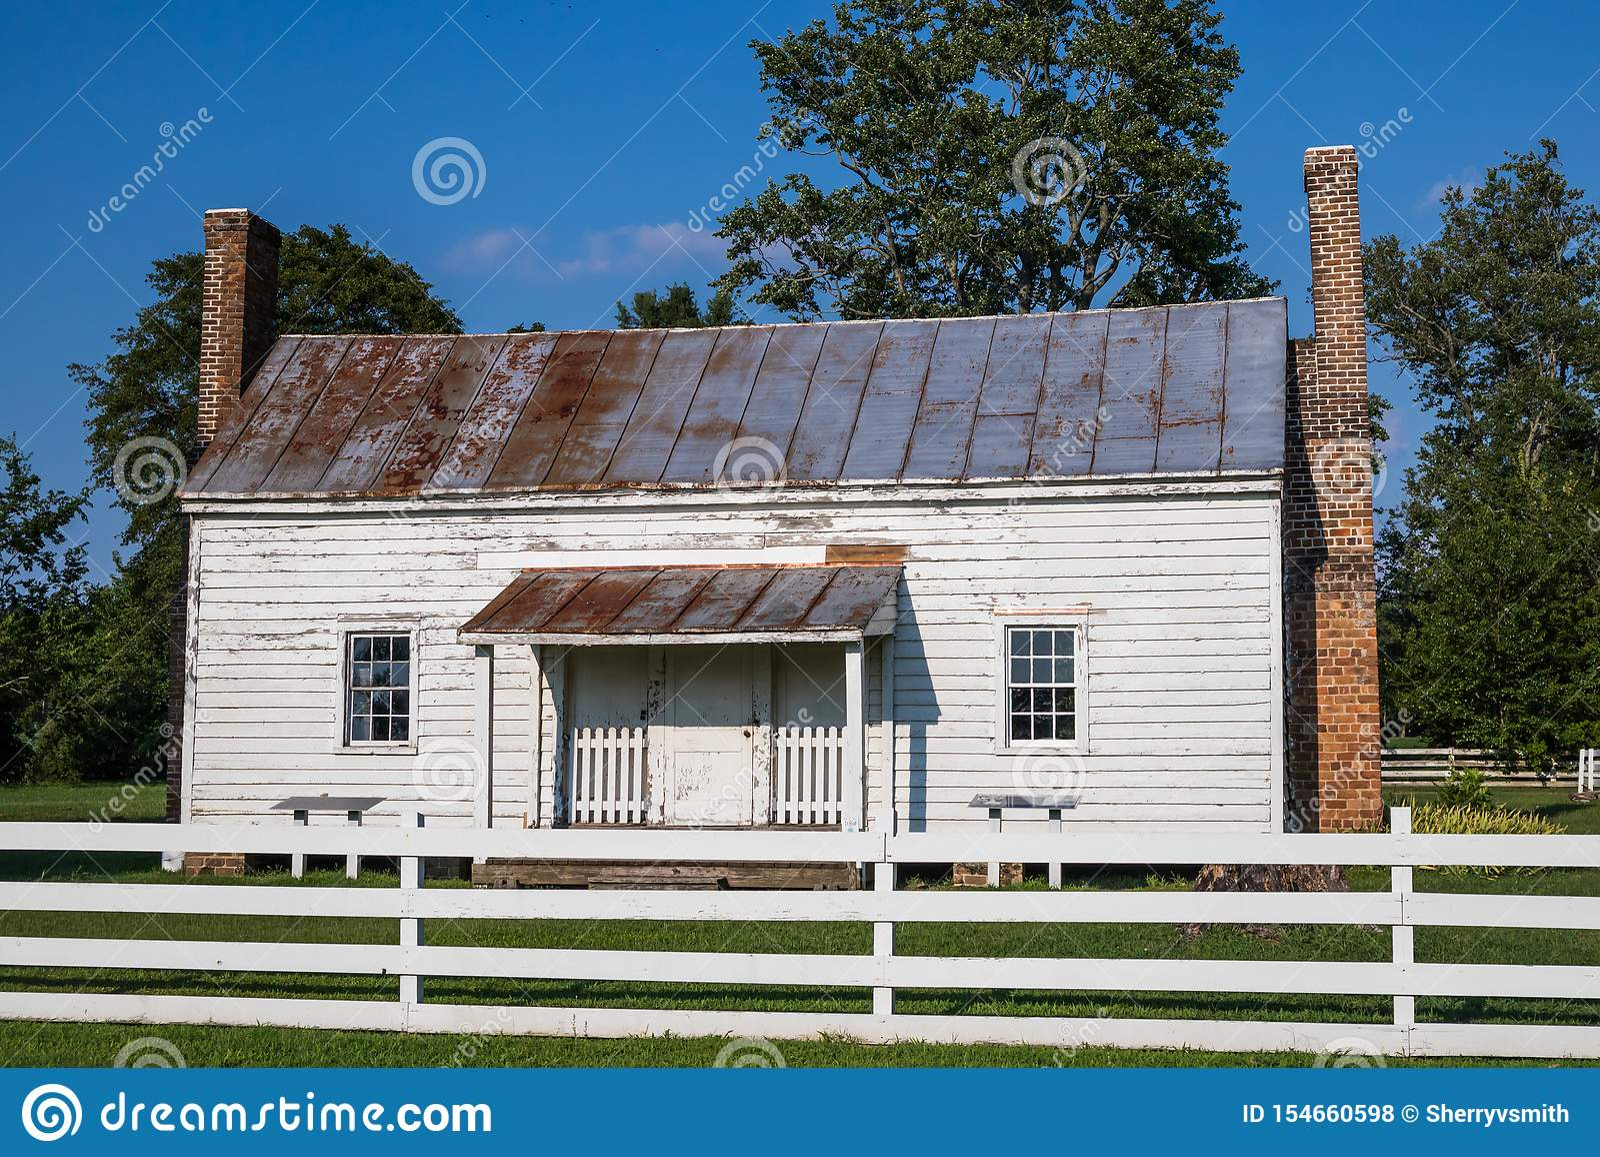 Sklaven-Cabin Built im Jahre 1830 s am Schloss des Speckes in Surry, VA